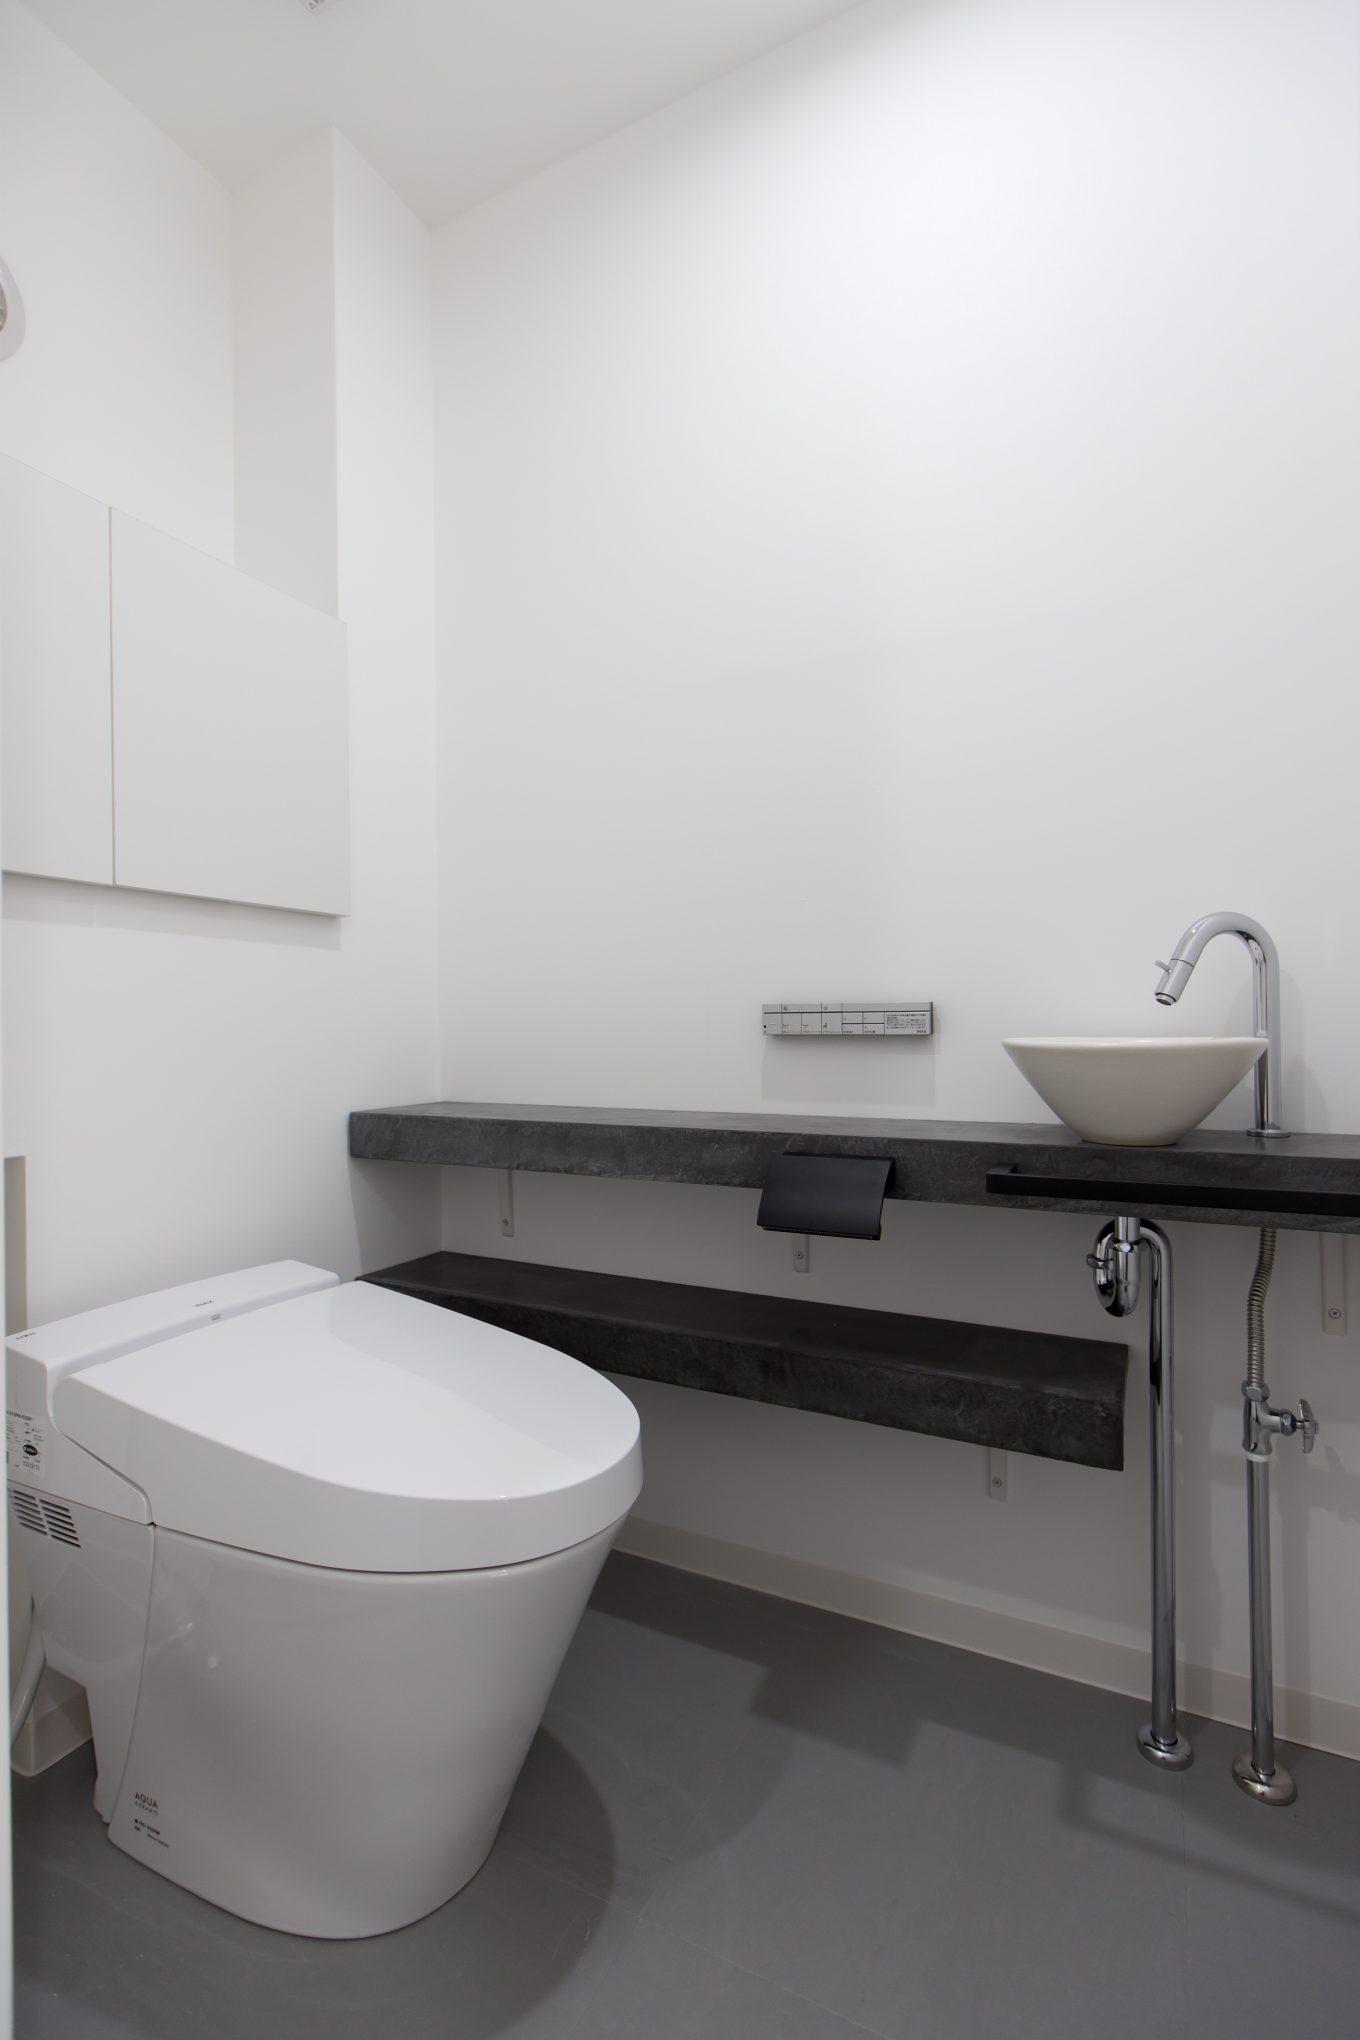 タンクレストイレと手洗いスペースで、機能的でシンプルな空間